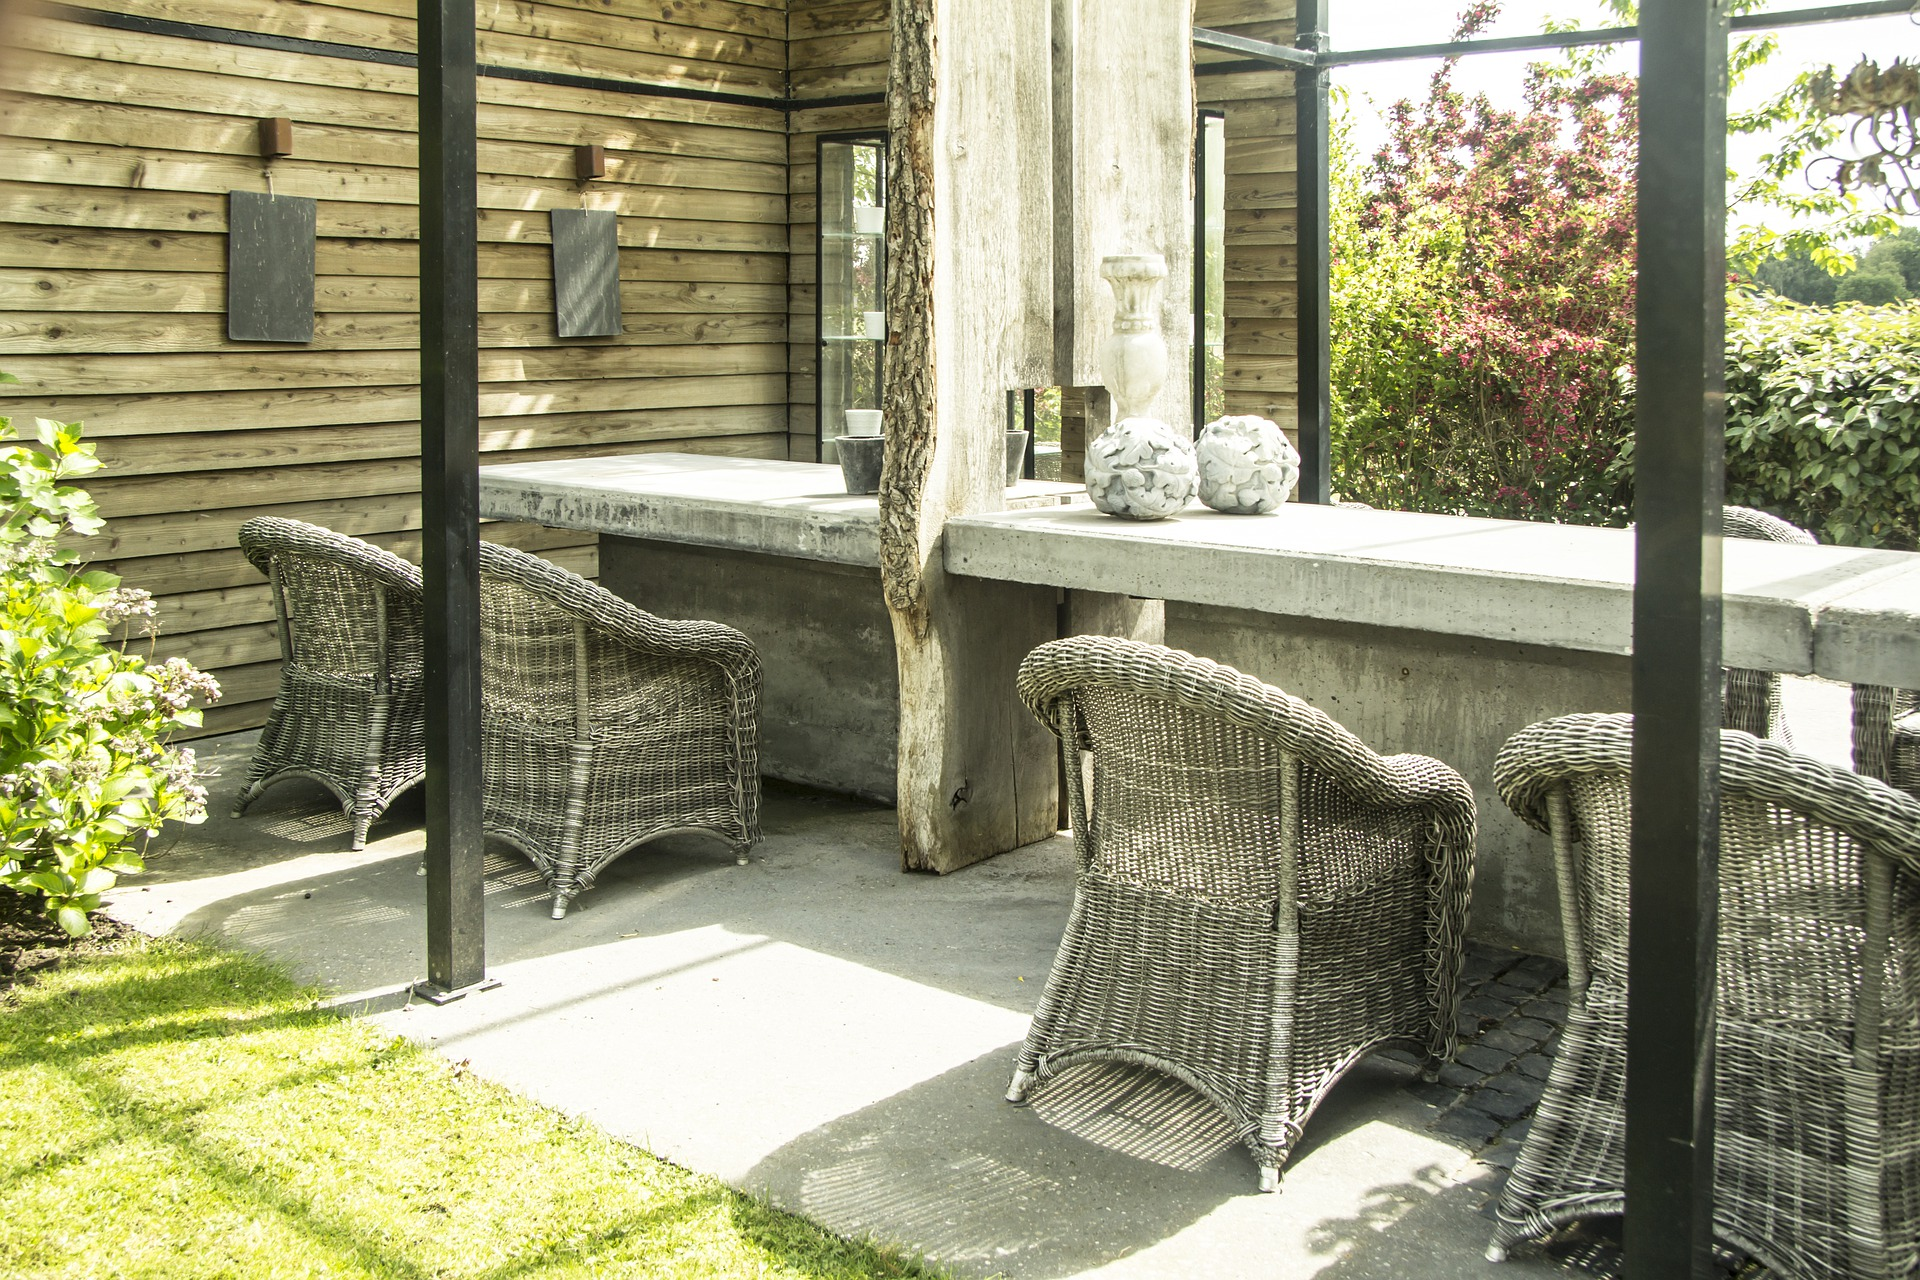 Tavolo da pranzo esterno: look casual chic in cemento